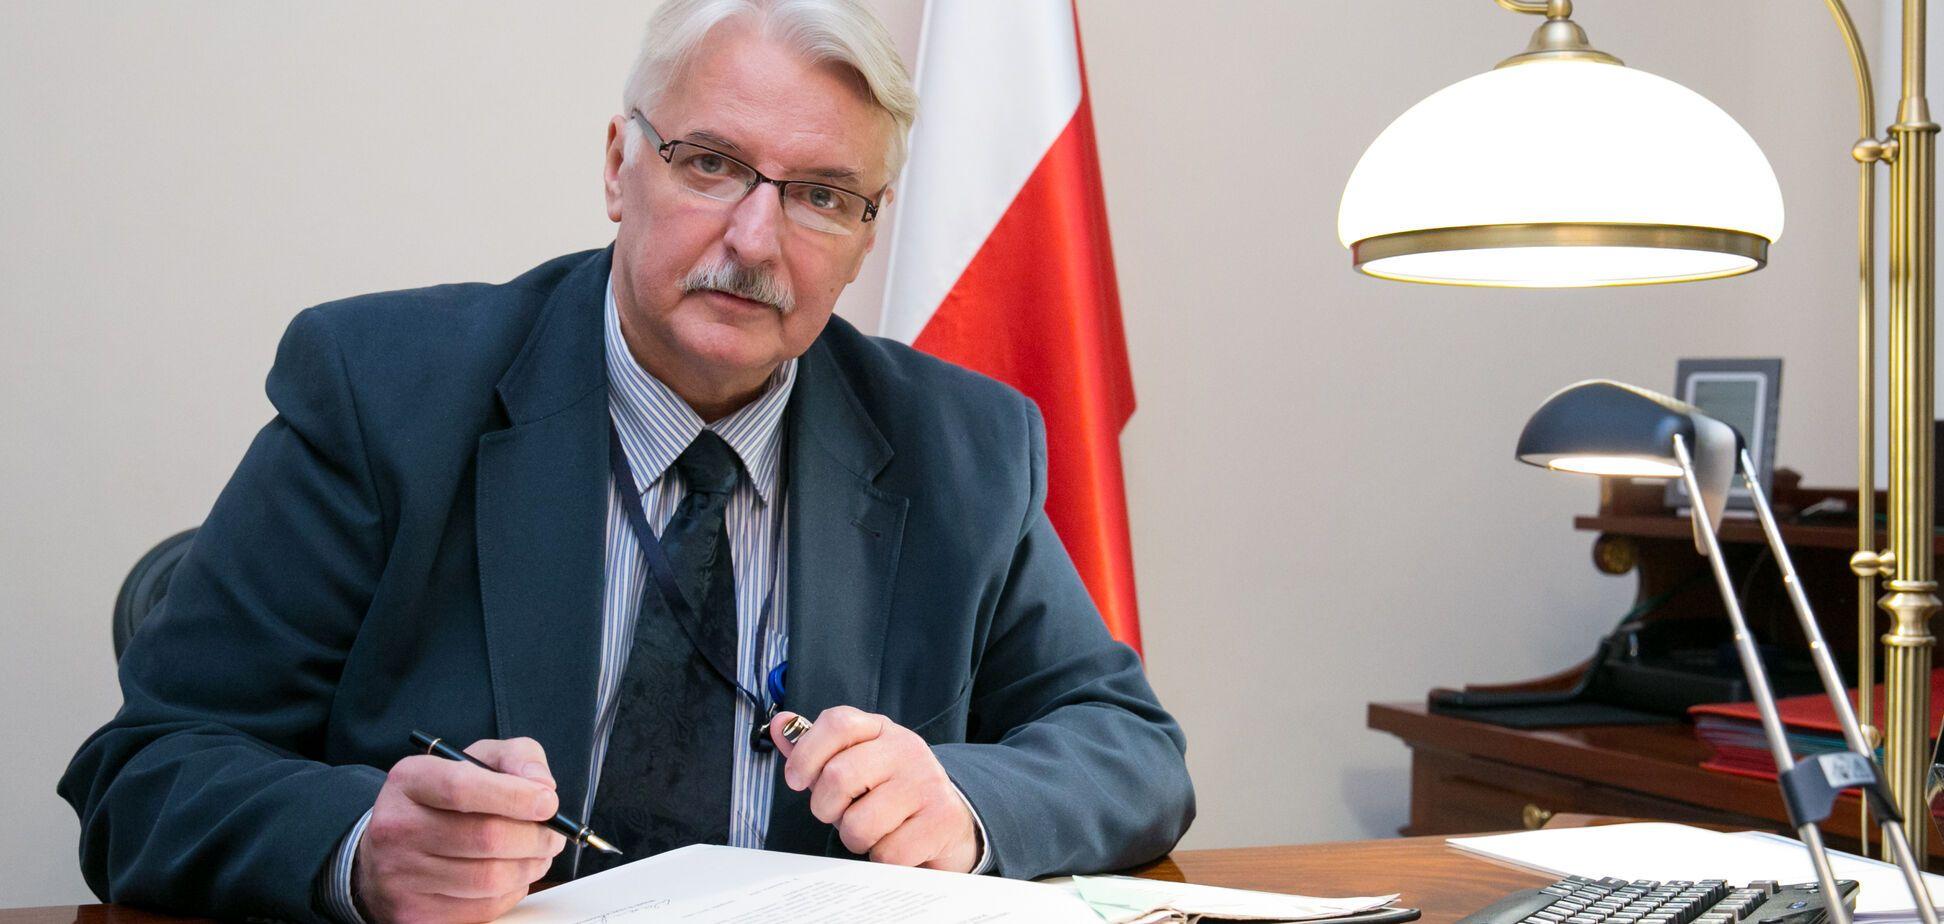 Полетели головы: в Польше уволен одиозный министр-украинофоб